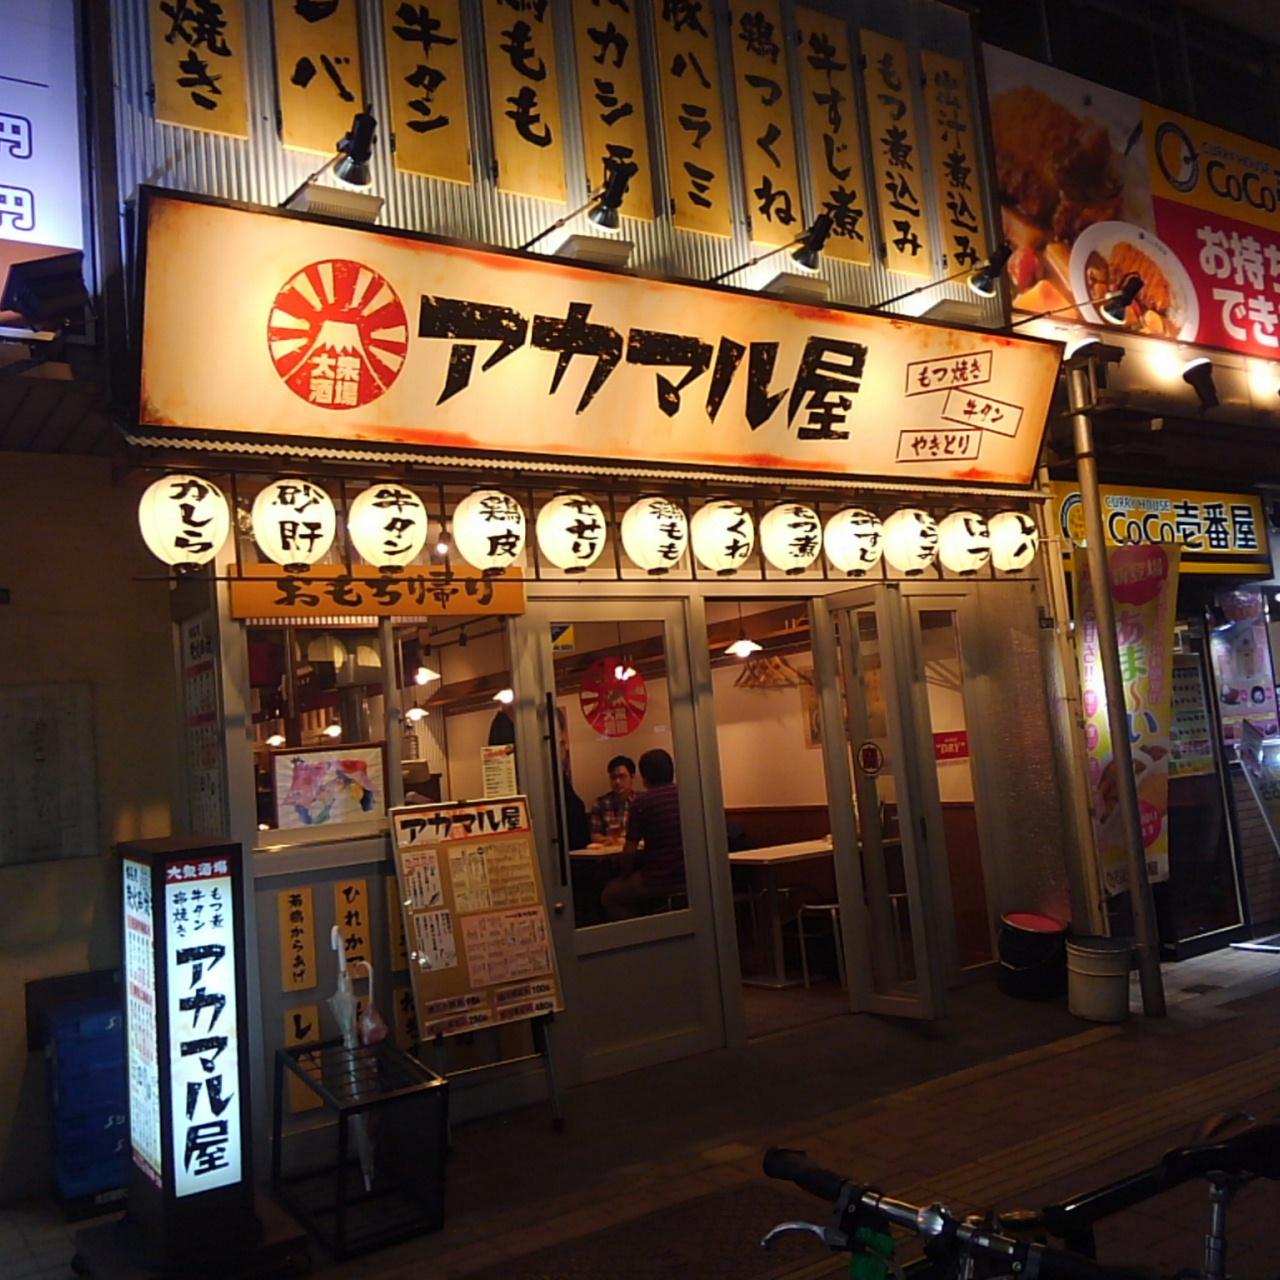 アカマル屋(高田馬場) さっぱりわさびポテトサラダにハイボールでグイっと! さわやか店員さんにニンマリ(^^)